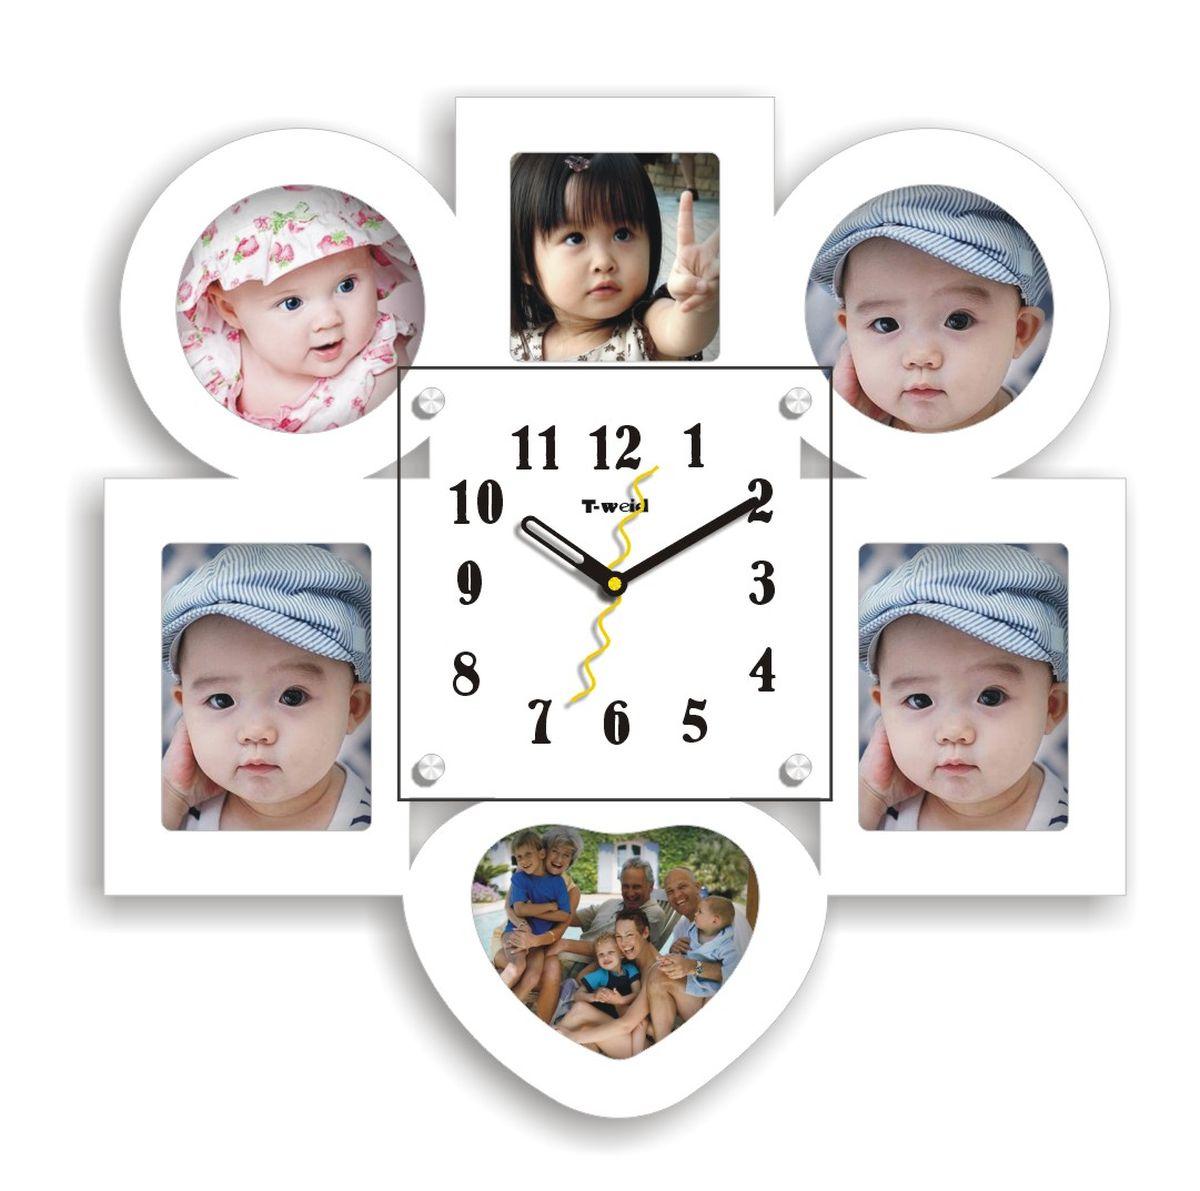 Часы настенные T-Weid, с фоторамками, цвет: белый, 39 х 39 х 5 см. M 3216 B WhiteM 3216 B WhiteНастенные кварцевые часы с фоторамками - это прекрасный предмет декора, а также универсальный подарок практически по любому поводу. Корпус часов, выполнен из дерева с белым матовым покрытием и оформлен шестью фоторамками. Циферблат часов оснащен тремя фигурными стрелками: часовой, минутной и секундной. Циферблат и стрелки защищены прочным стеклом, который крепится четырьмя металлическими крепежами к корпусу. На задней стенке часов расположена металлическая петелька для подвешивания и блок с часовым механизмом. Часы с фоторамками прекрасно впишутся в любой интерьер. В зависимости оттого, что вы поместите в рамки, будет меняться и стиль часов. Тип механизма: плавающий, бесшумный. Рекомендуется докупить батарейку типа АА (не входит в комплект) Для 6 фото: 2 фото 10х10 см. 2 фото 9х12 см. 1 фото 9х9 см. 1фото 12х10 см.